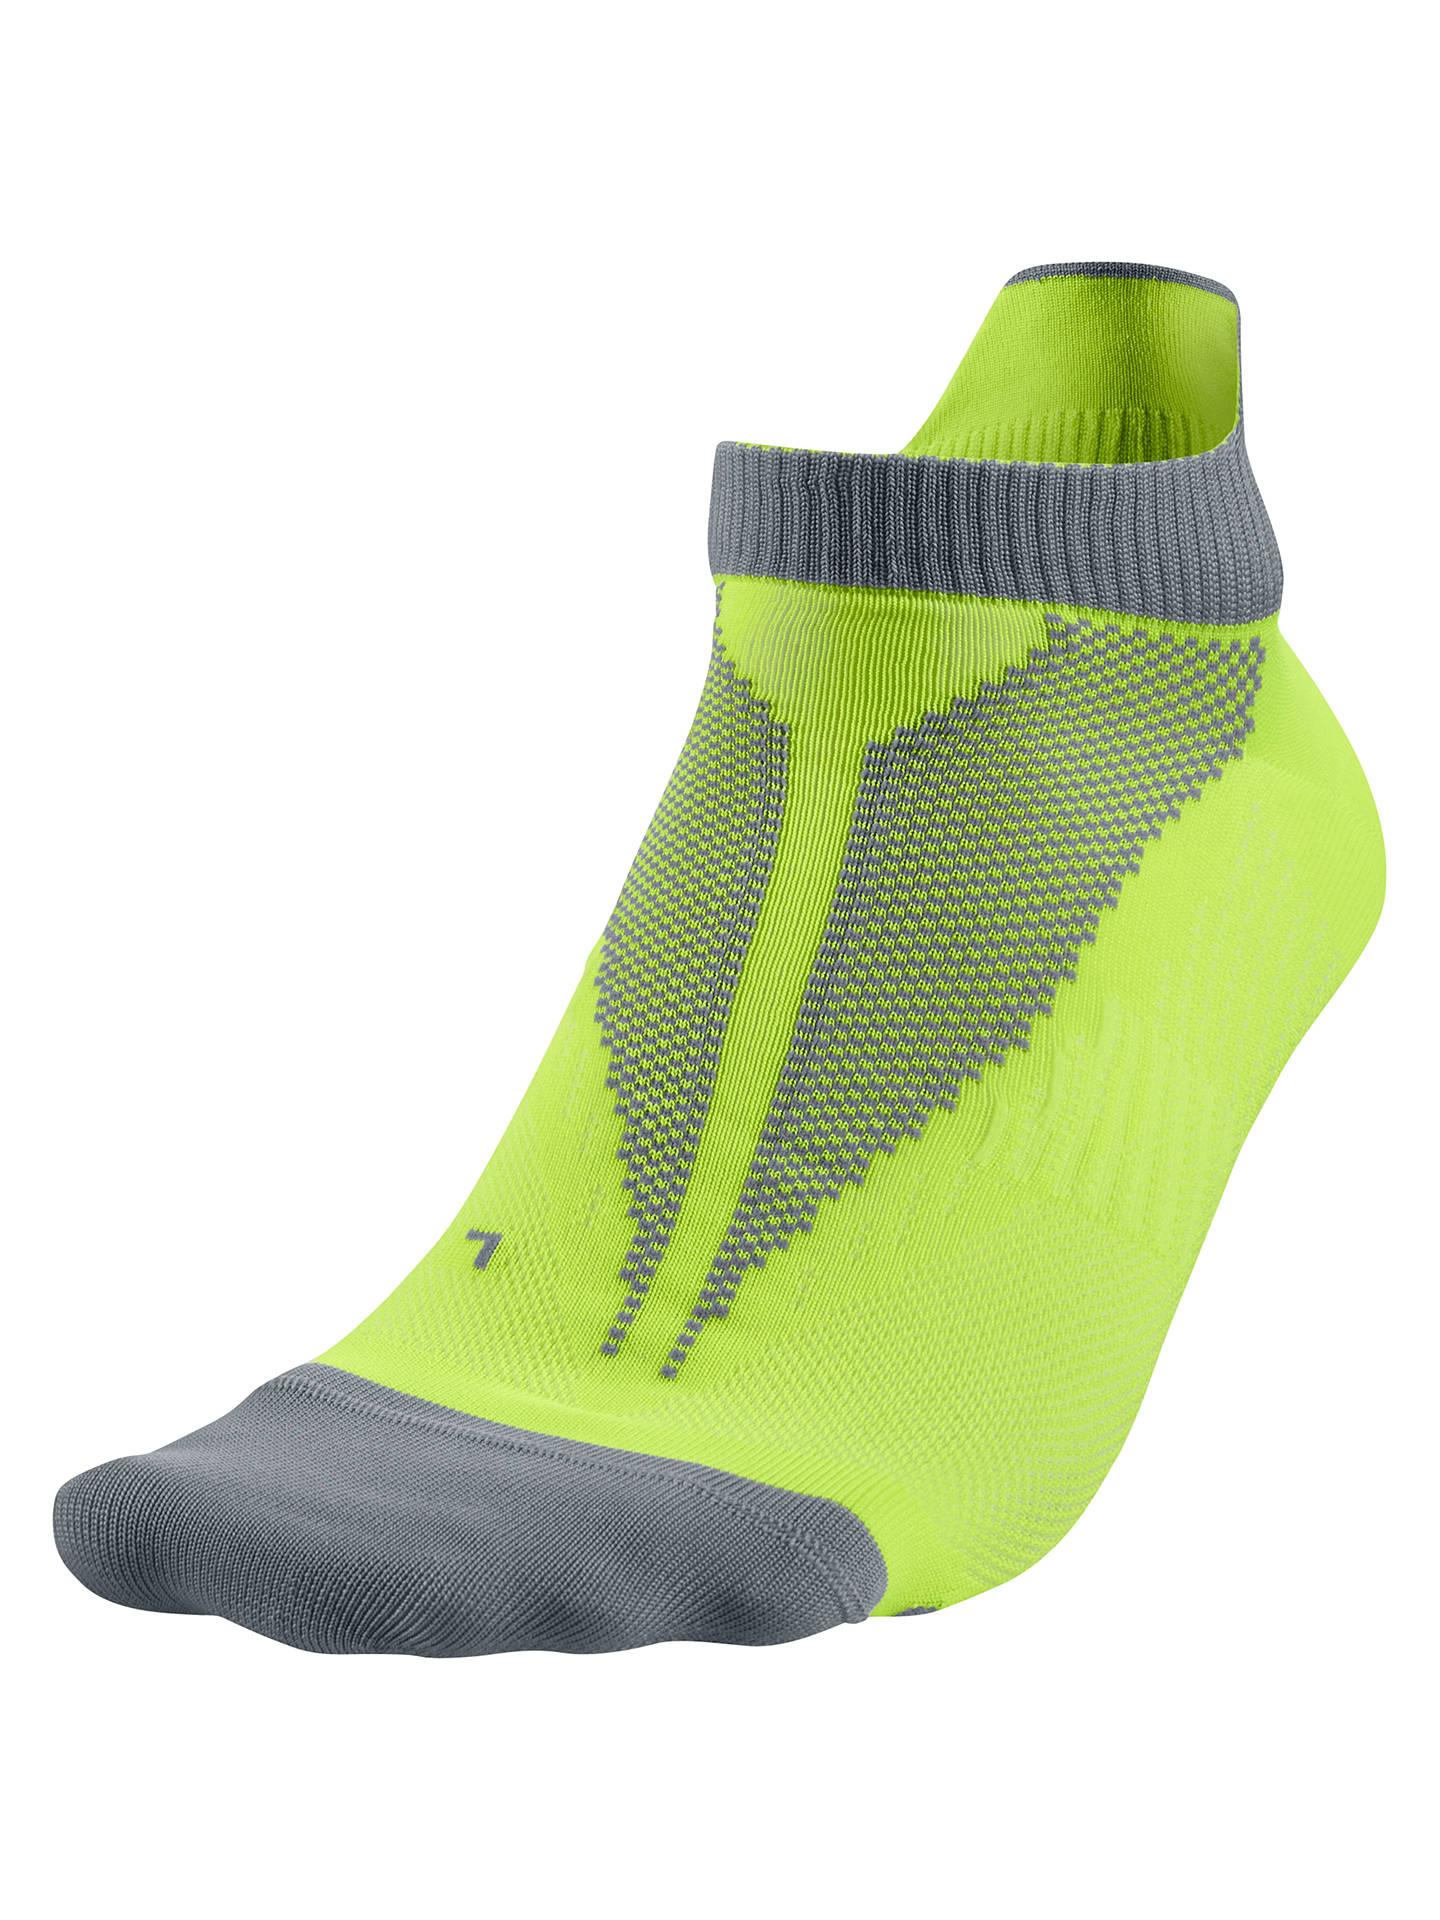 5462b66049b2b Nike Elite Lightweight No-Show Tab Running Socks at John Lewis ...